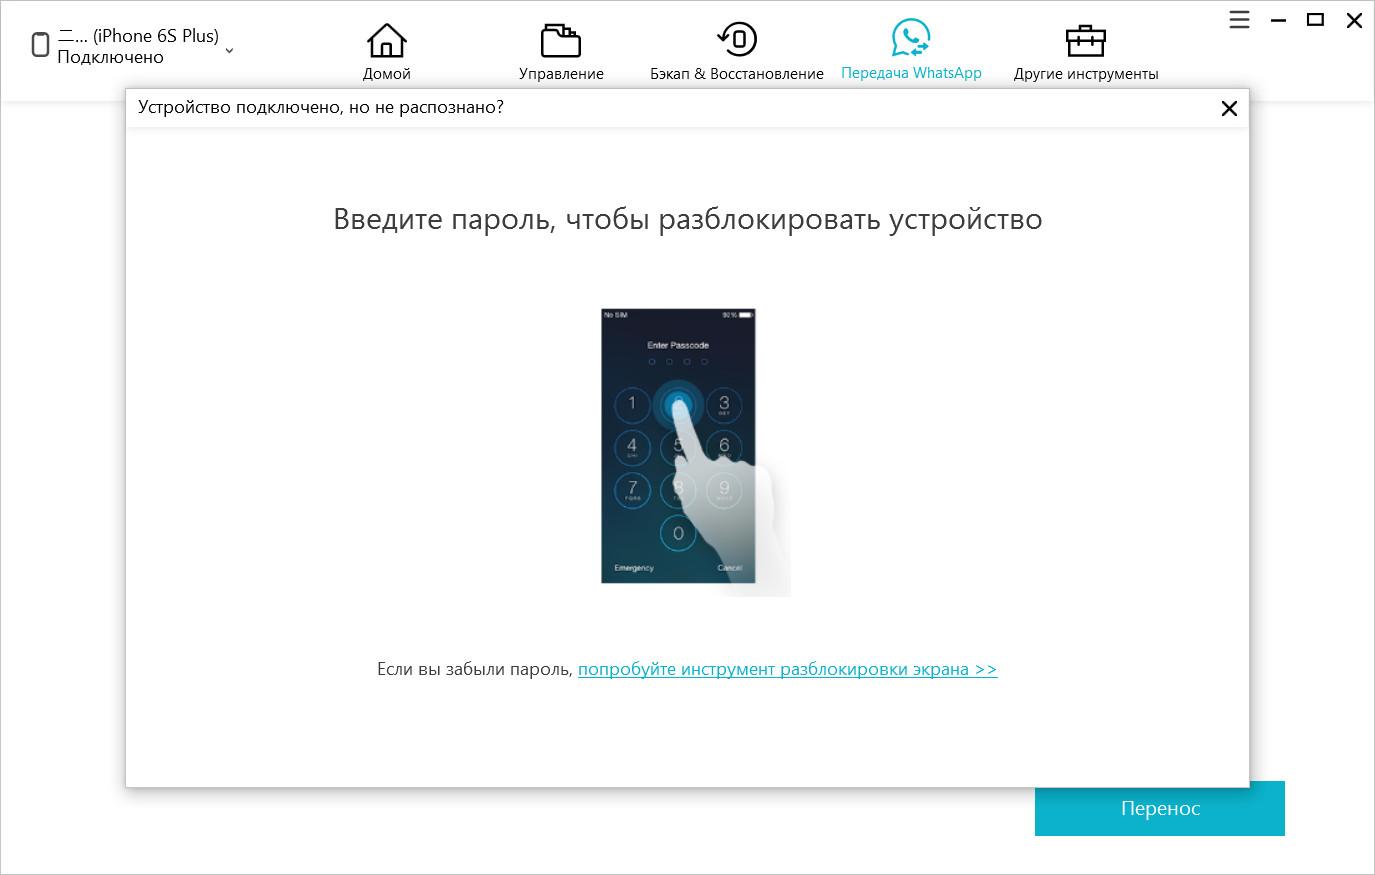 руководство - разблокировать экран паролем